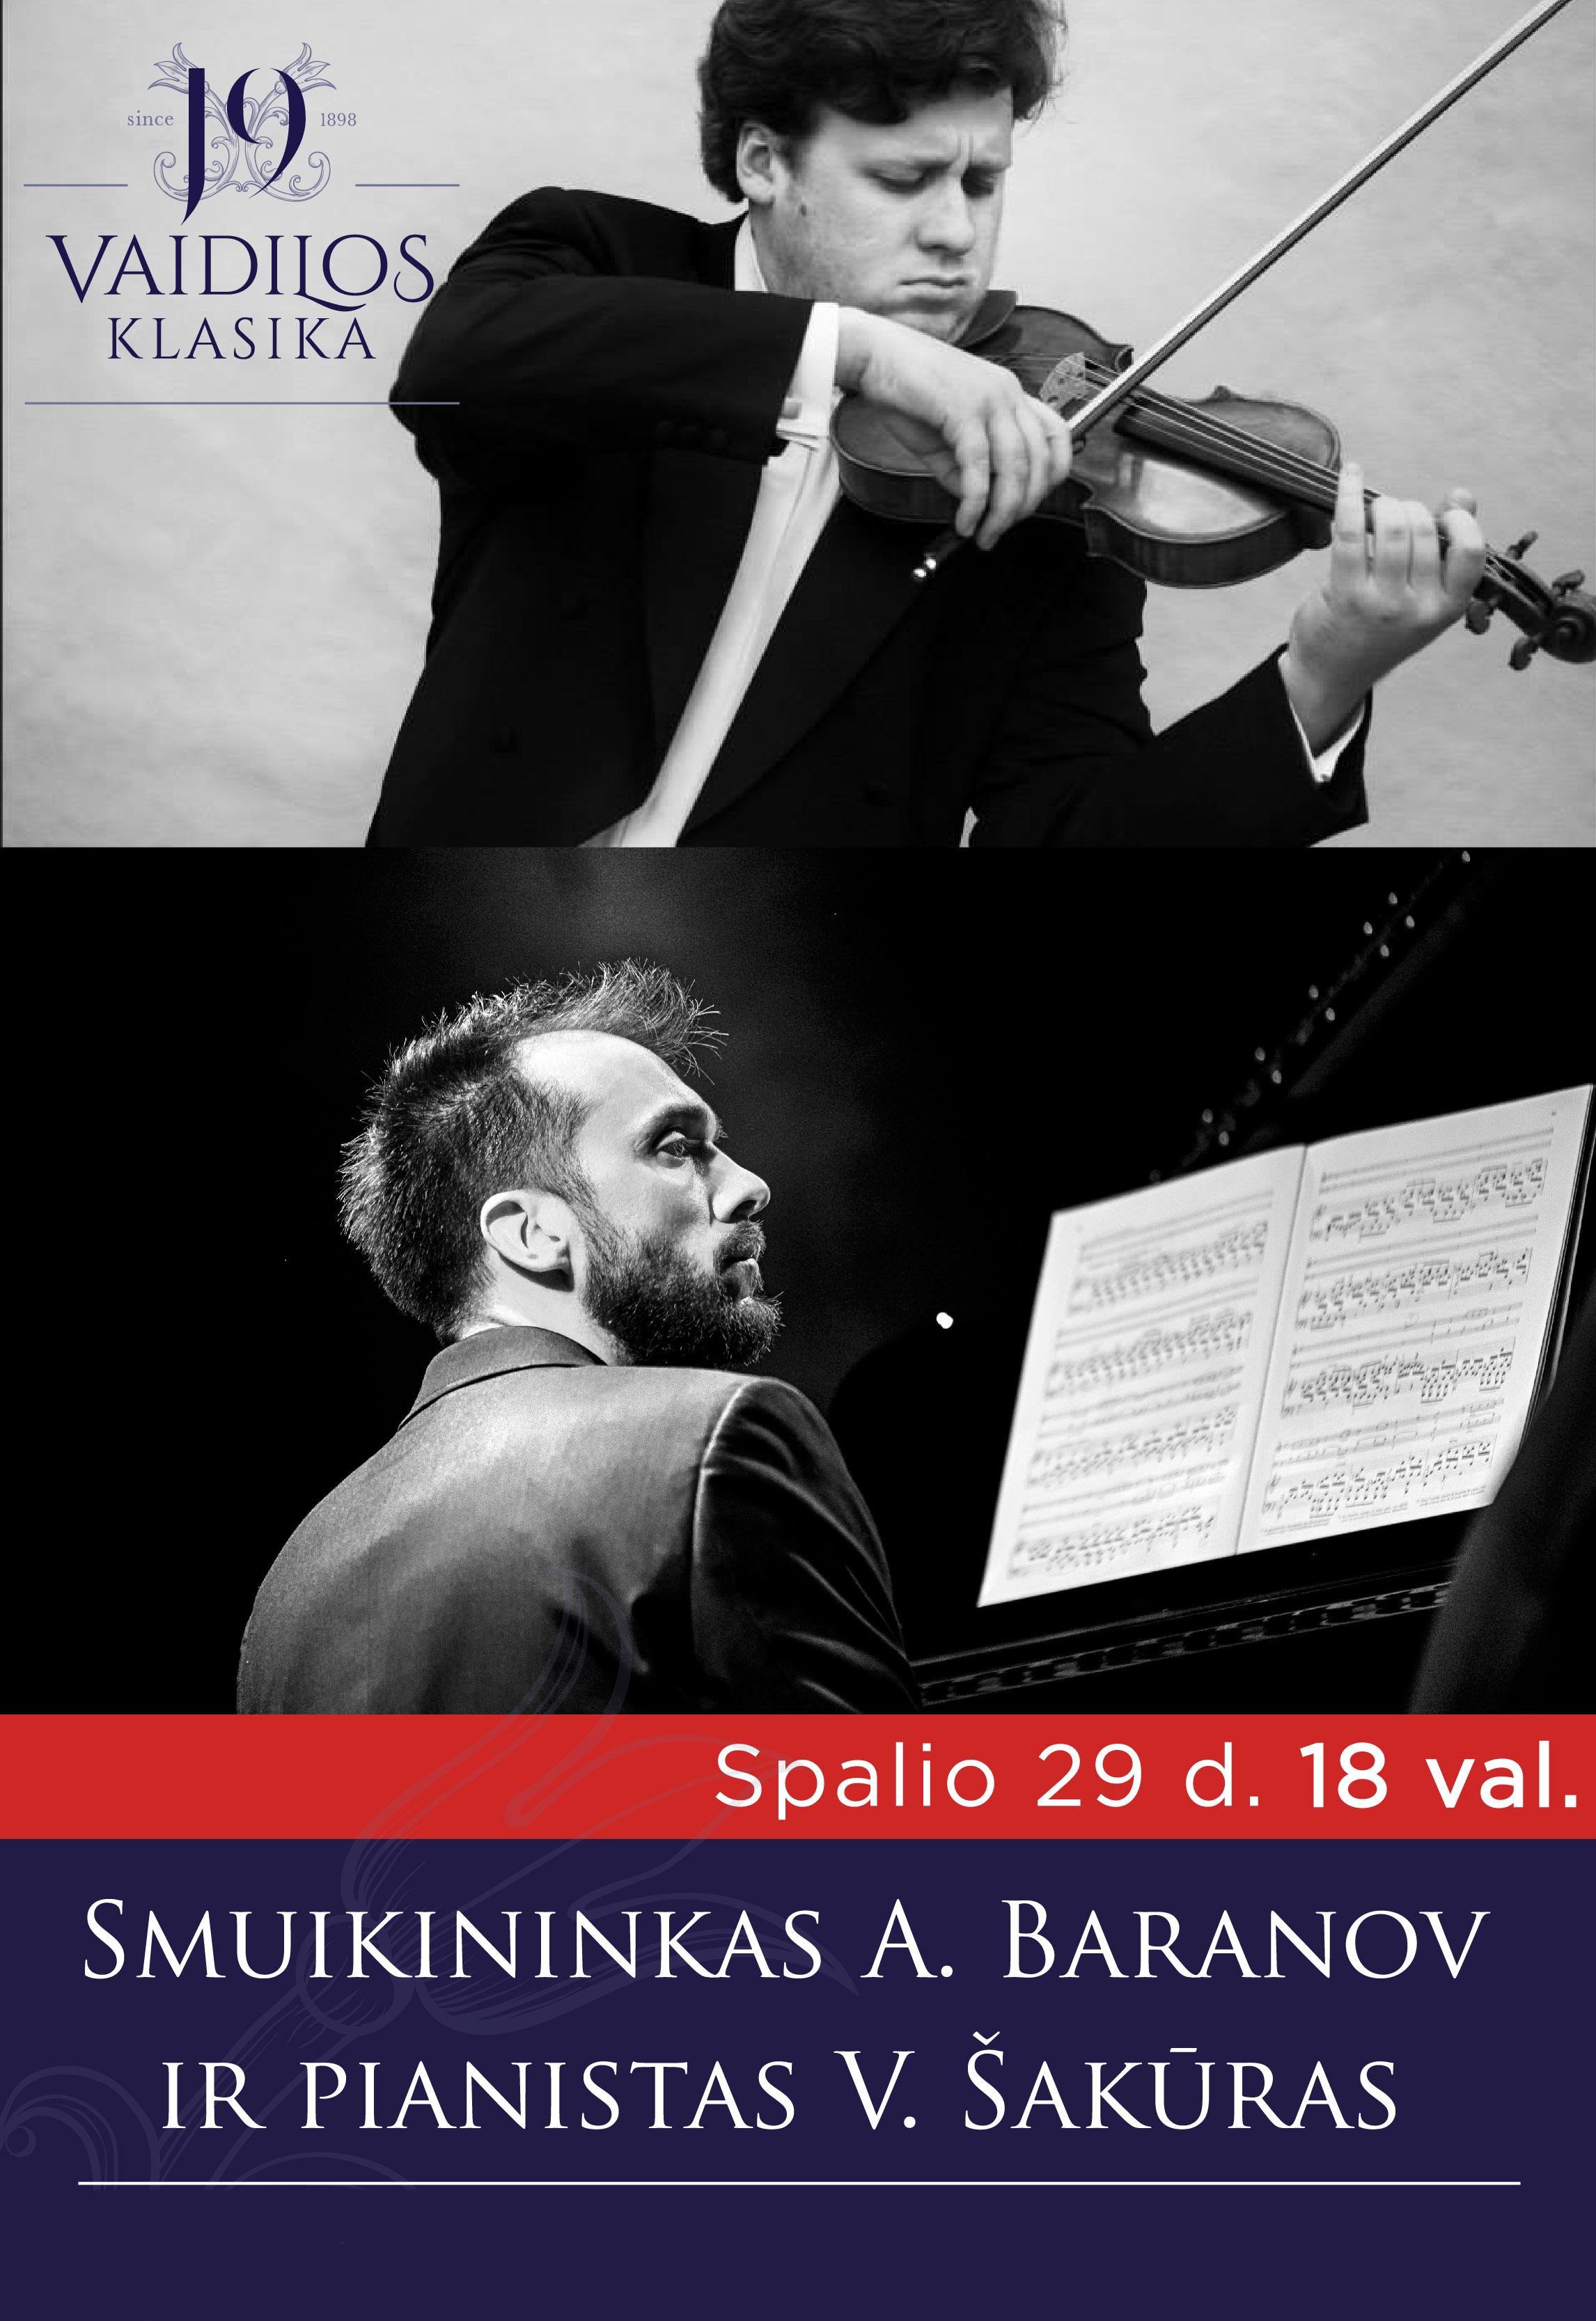 Smuikininkas Andrei Baranov ir pianistas Vytis Šakūras